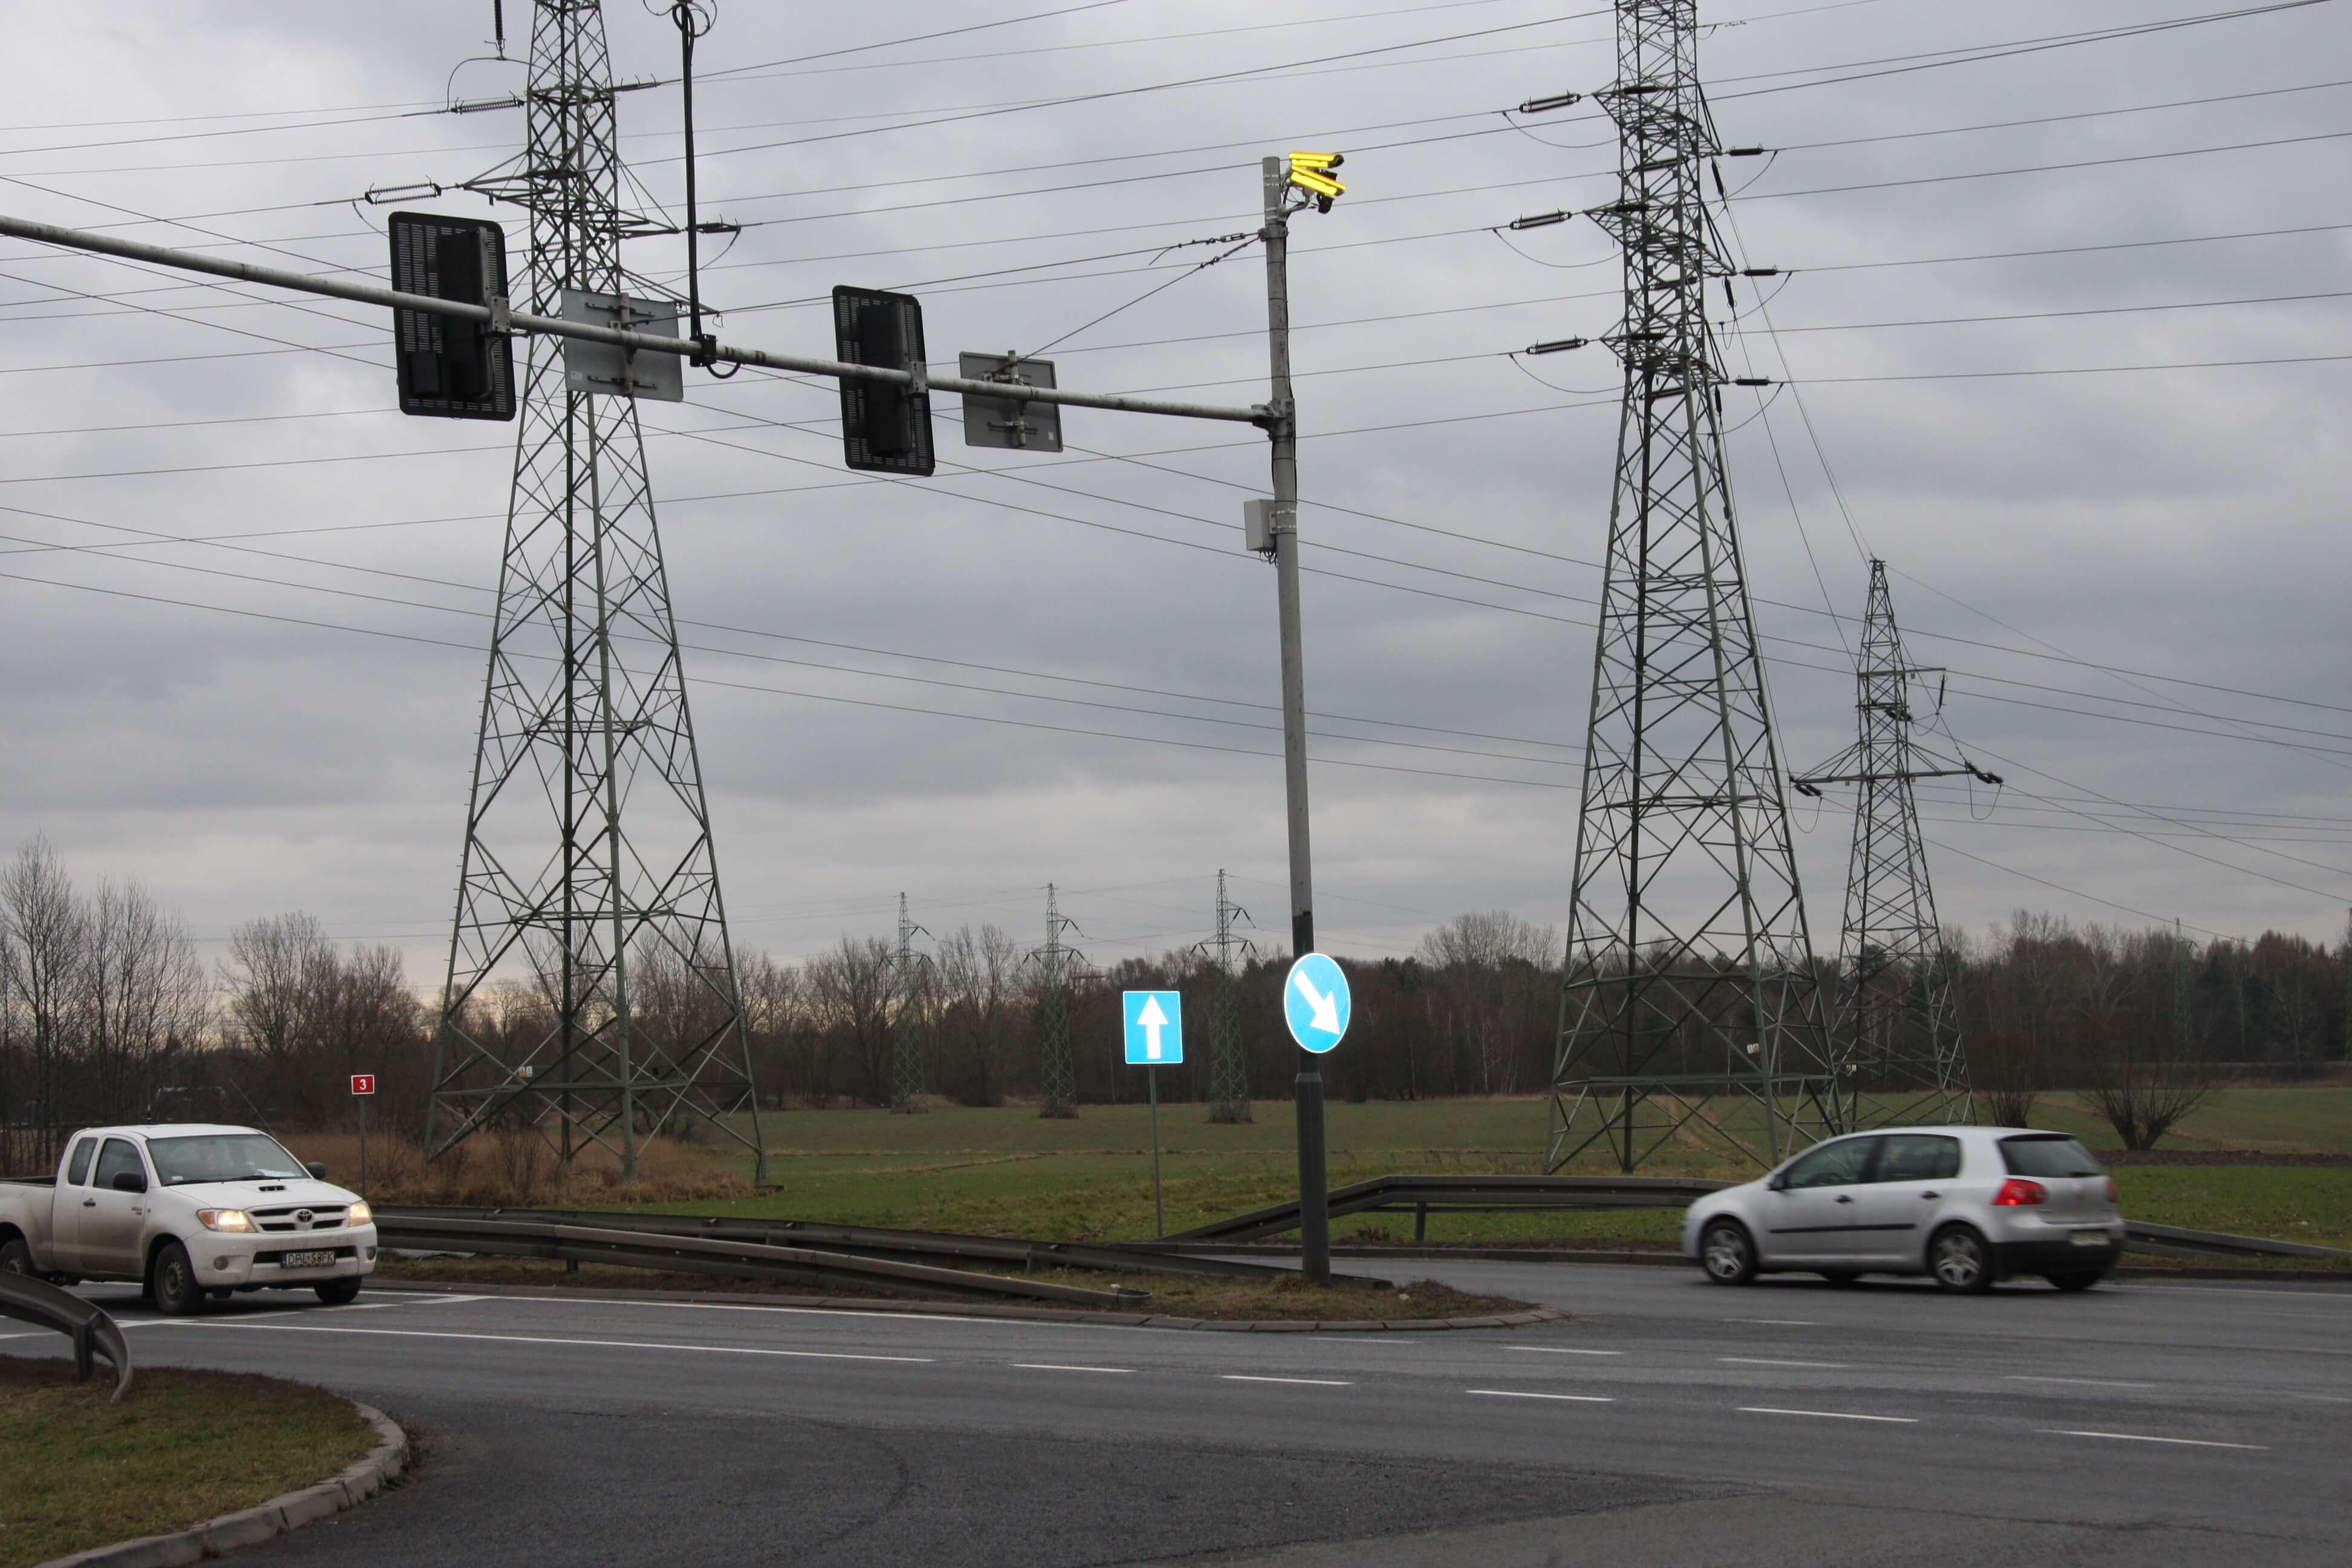 Koniec z bezkarnym przejeżdżaniem na czerwonym świetle. ITD ogłasza walkę z piratami drogowymi i zaczyna się zbroić [MAPA]